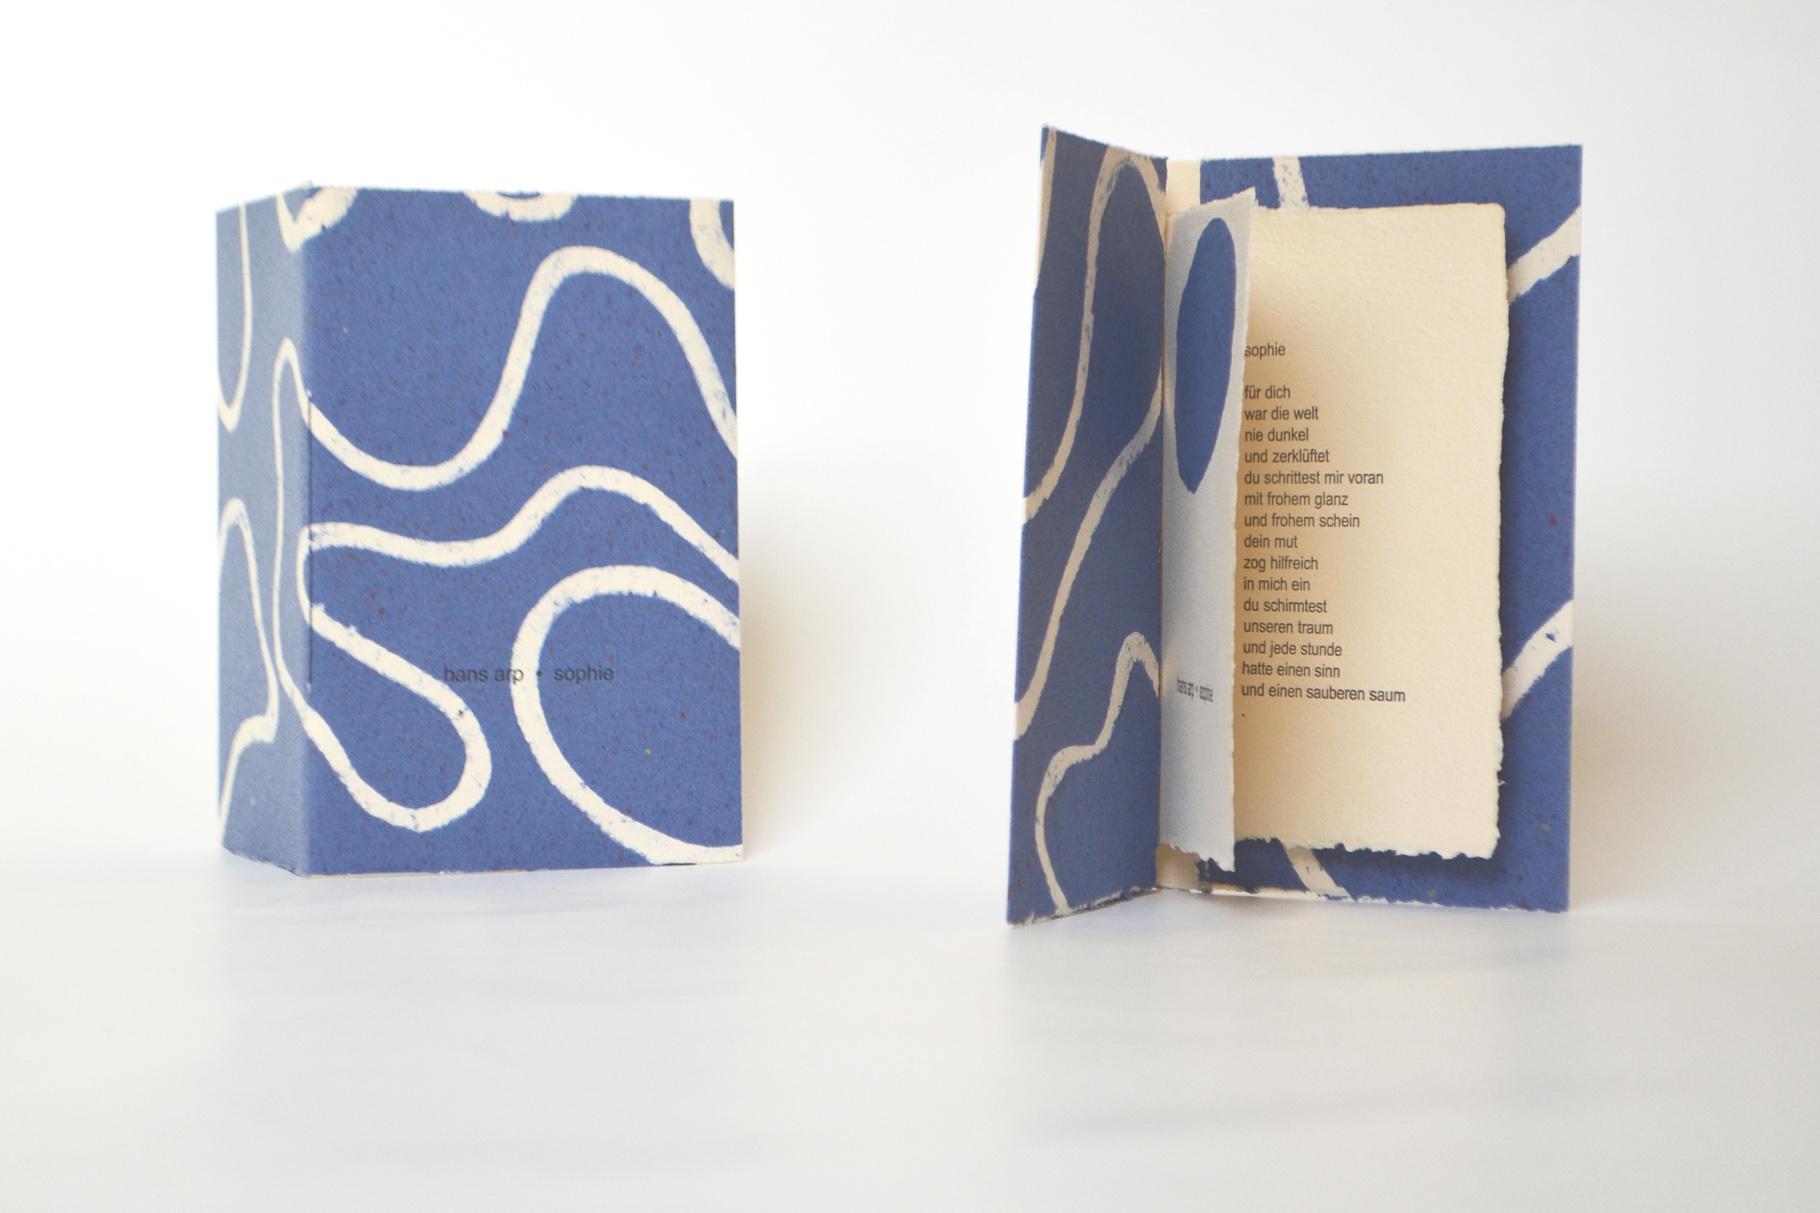 """""""Sophie"""" (2014) - Ein Heft, gestaltet von John Gerard mit einem Gedicht von Hans Arp"""